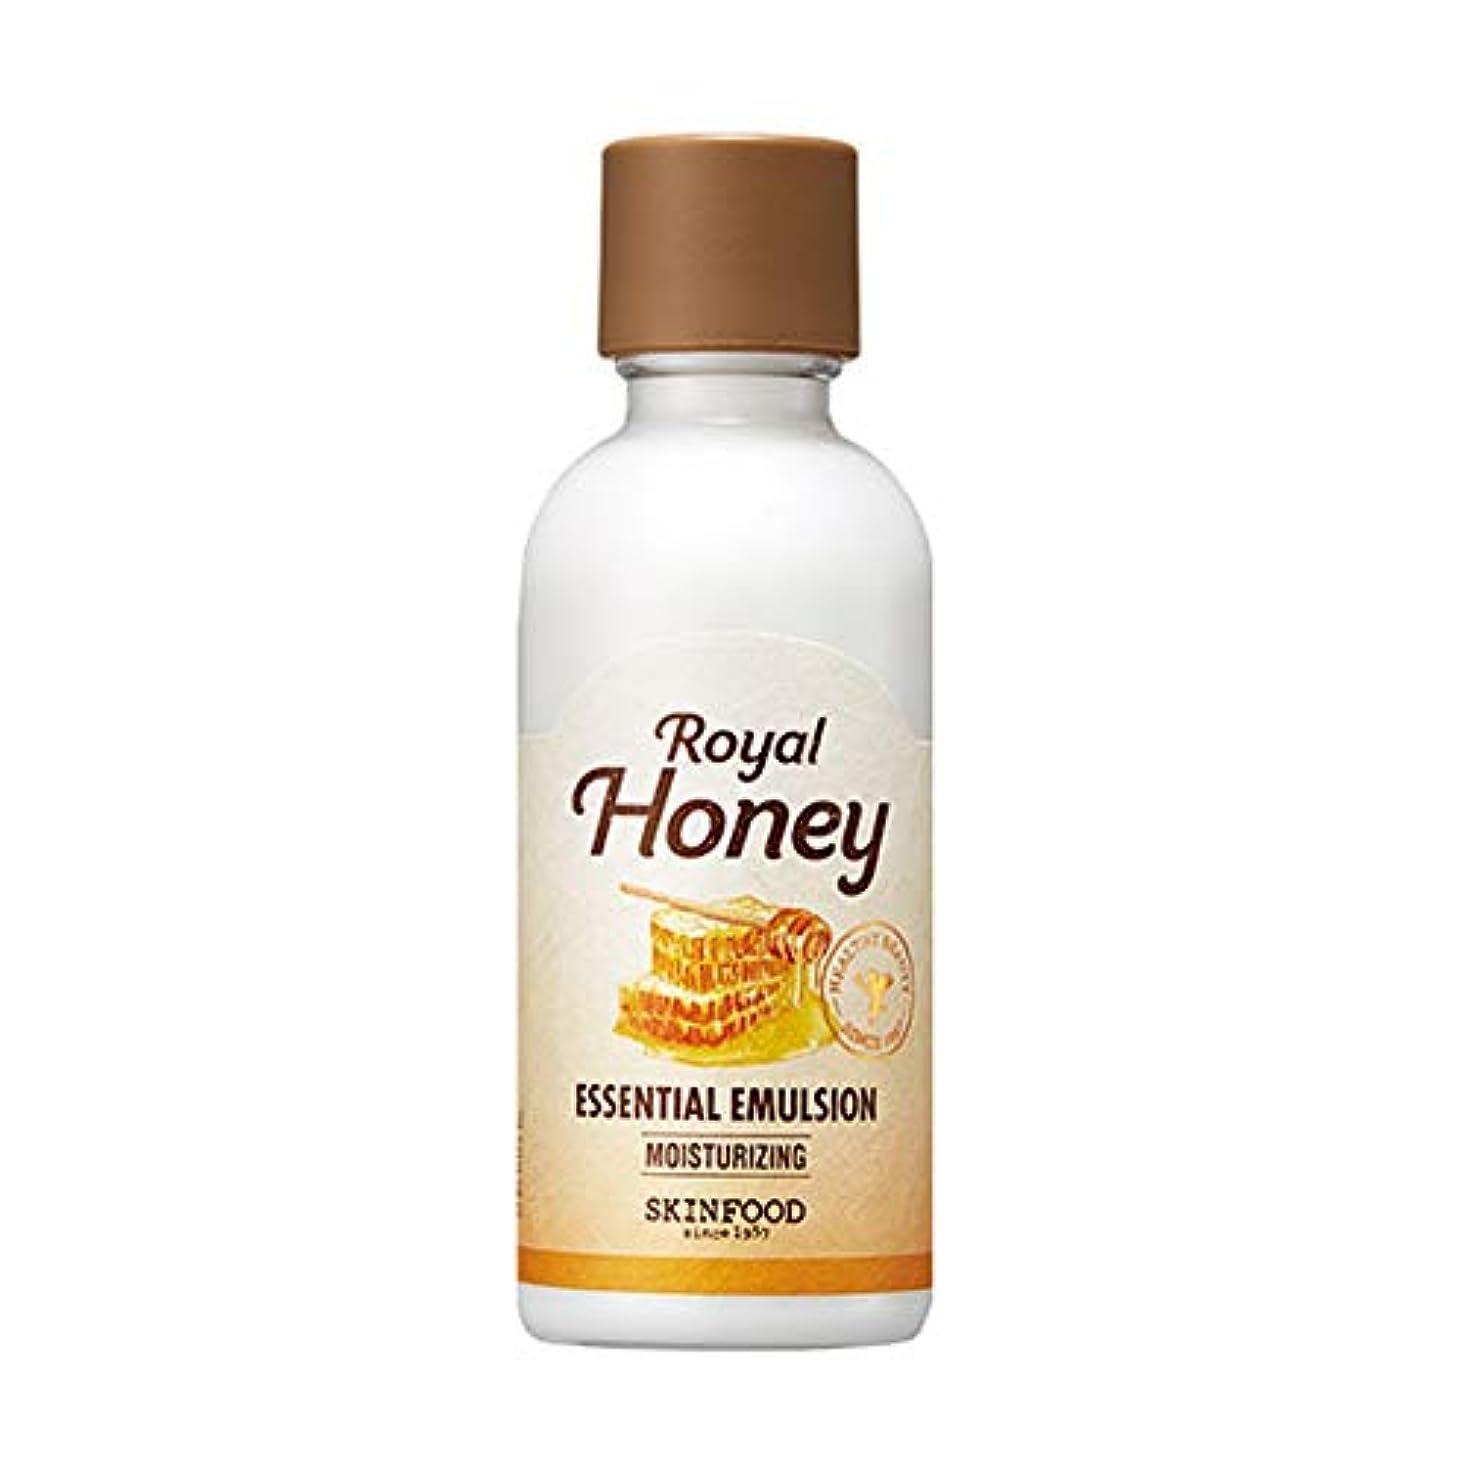 株式傾くスペイン語Skinfood ロイヤルハニーエッセンシャルエマルジョン/Royal Honey Essential Emulsion 160ml [並行輸入品]